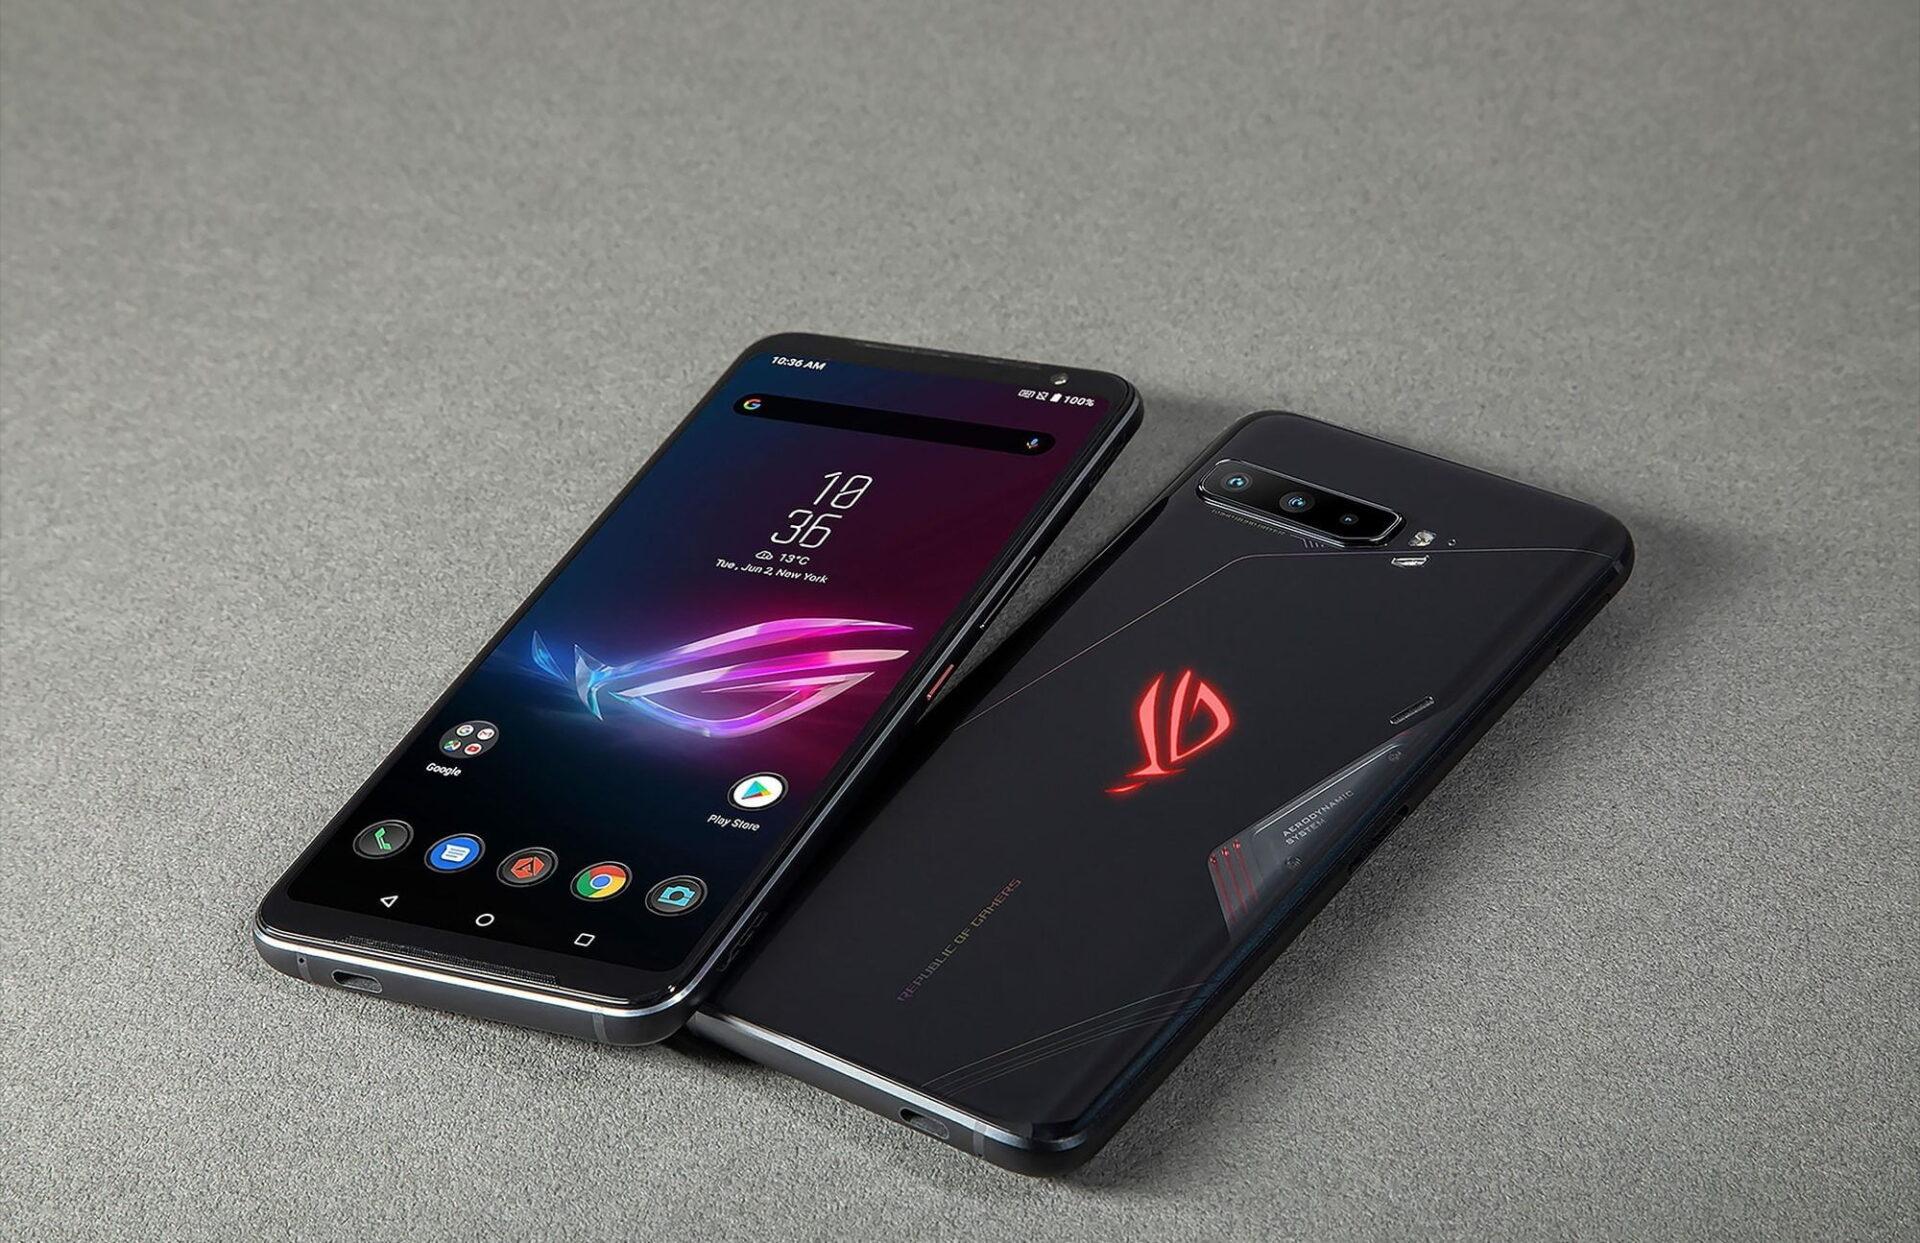 asus rog phone 3 launched, asus rog phone 3 price, asus rog phone 3 specs